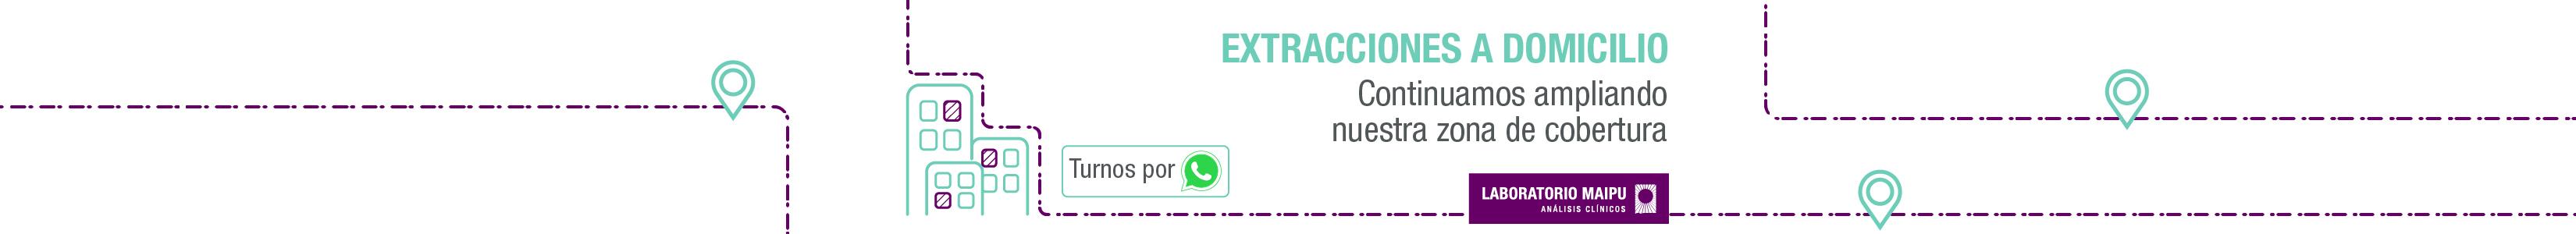 BannerWeb_Extraccion-a-domicilio_Edificios